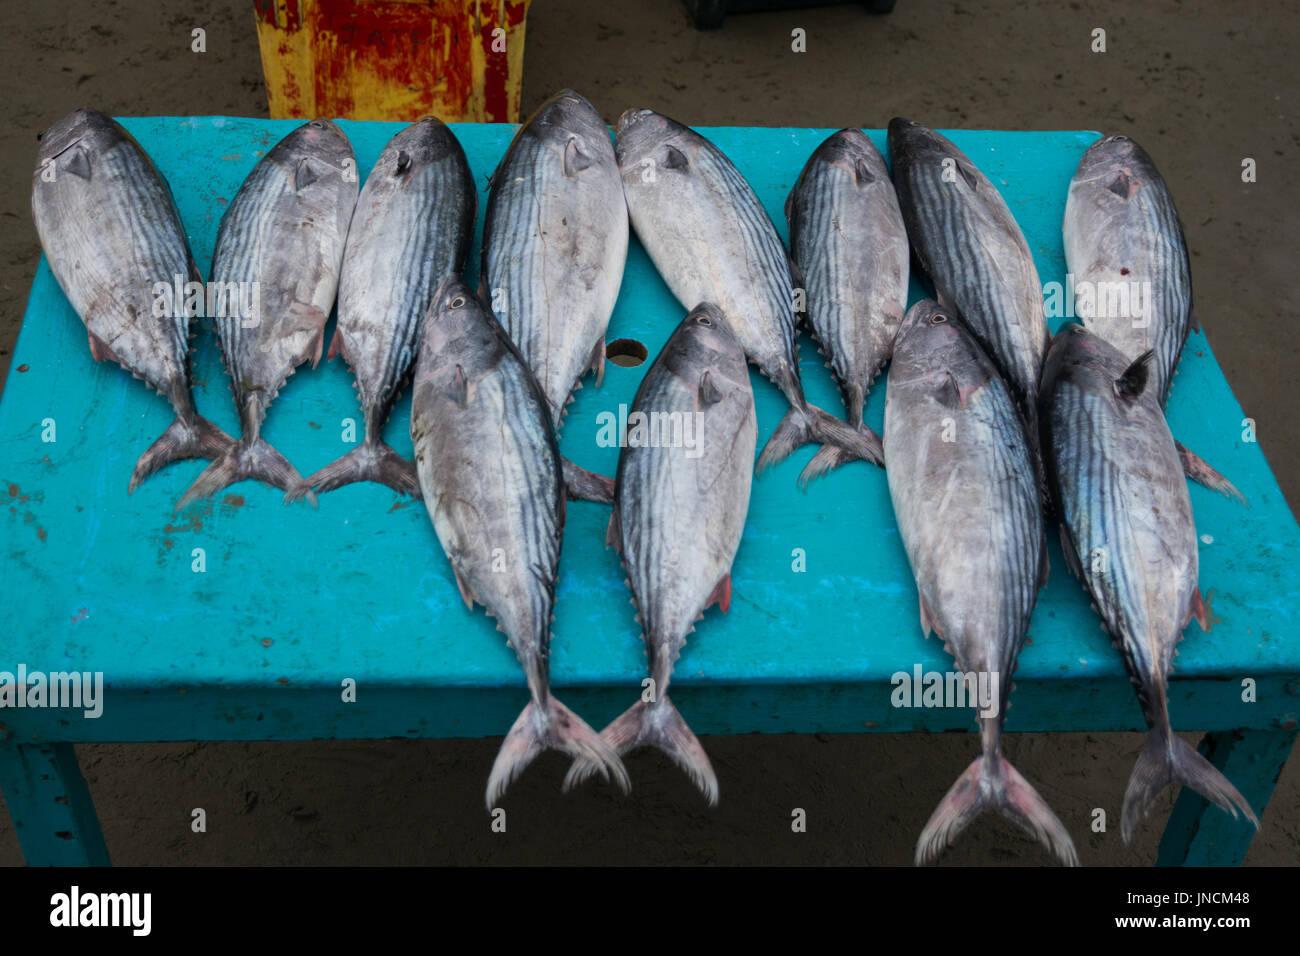 Marché de pêche à Puerto Lopez, Équateur Photo Stock